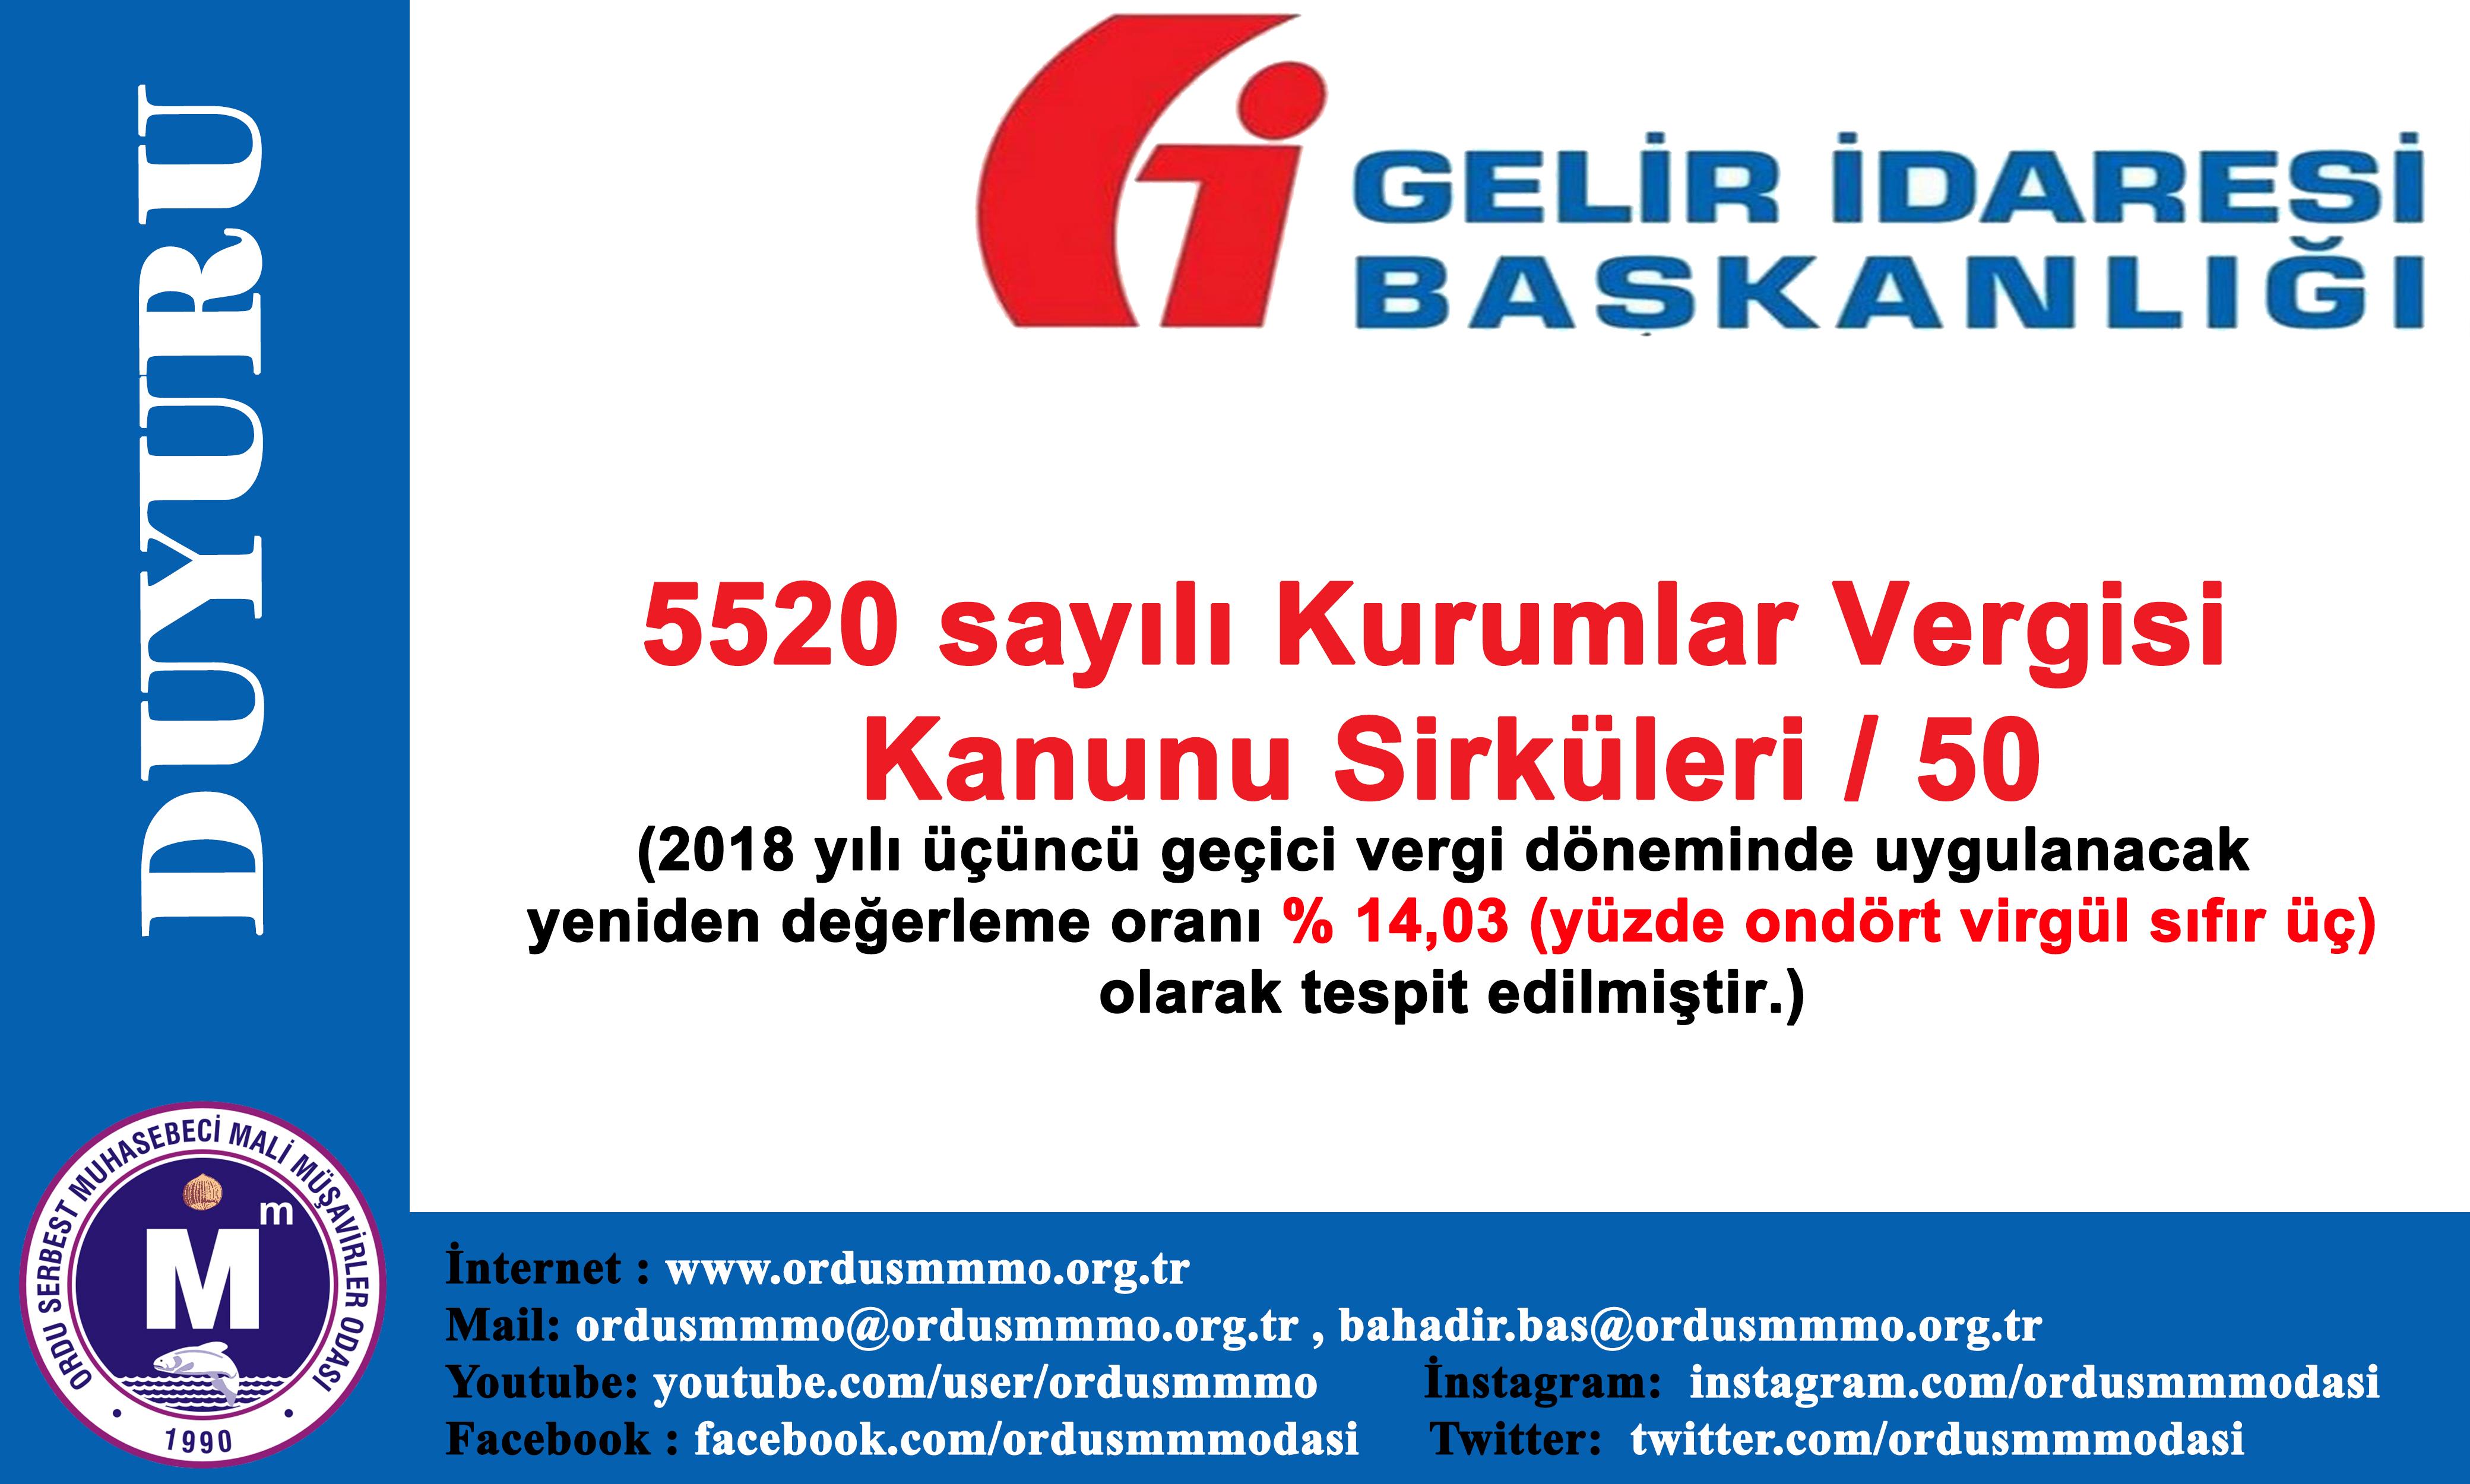 5520 sayılı Kurumlar Vergisi Kanunu Sirküleri/50